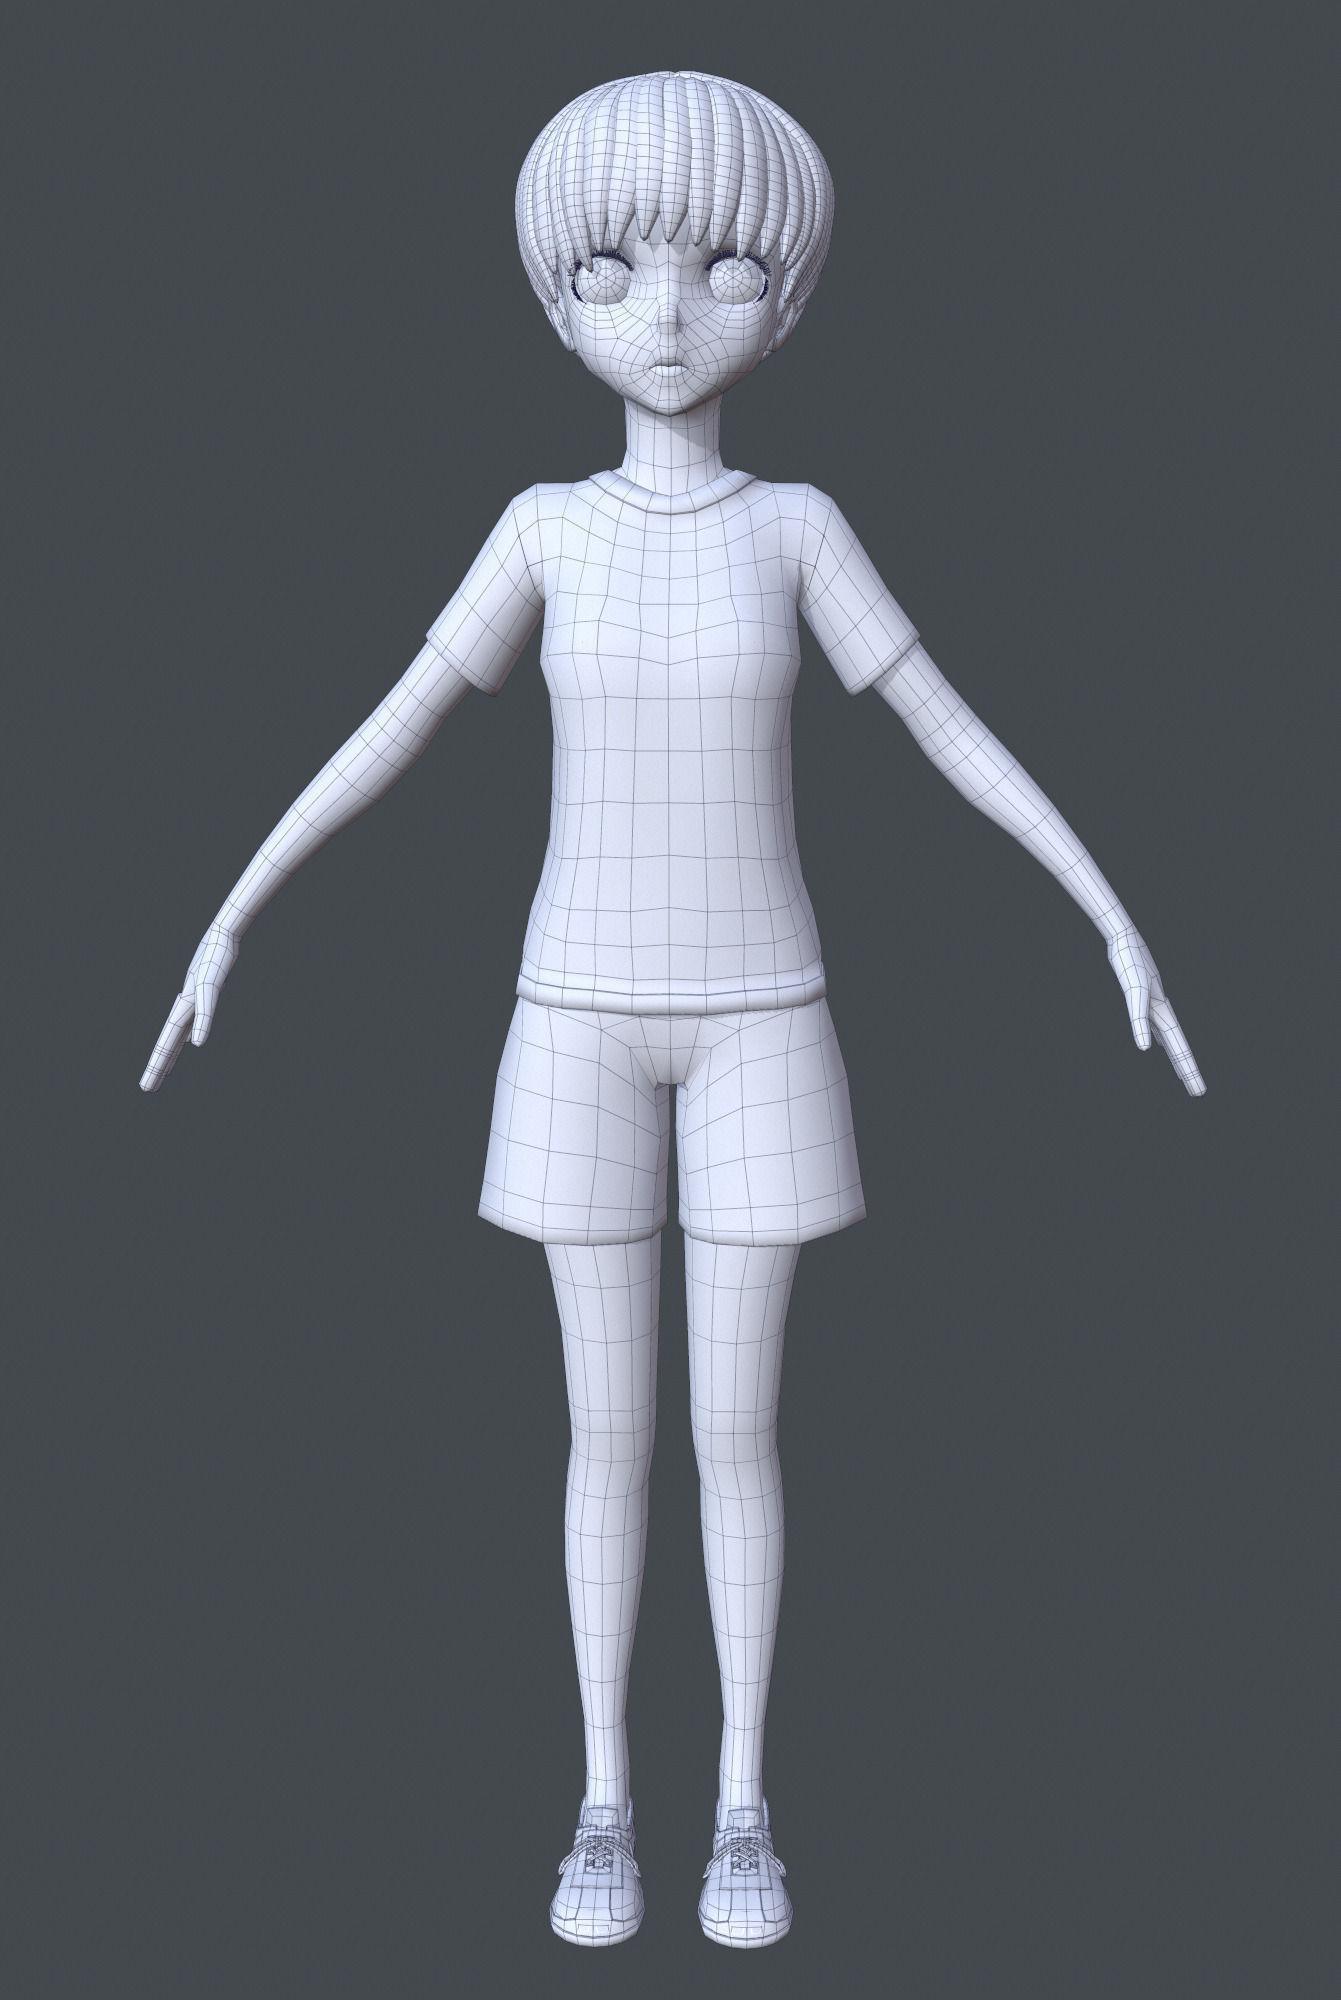 Anime girl model